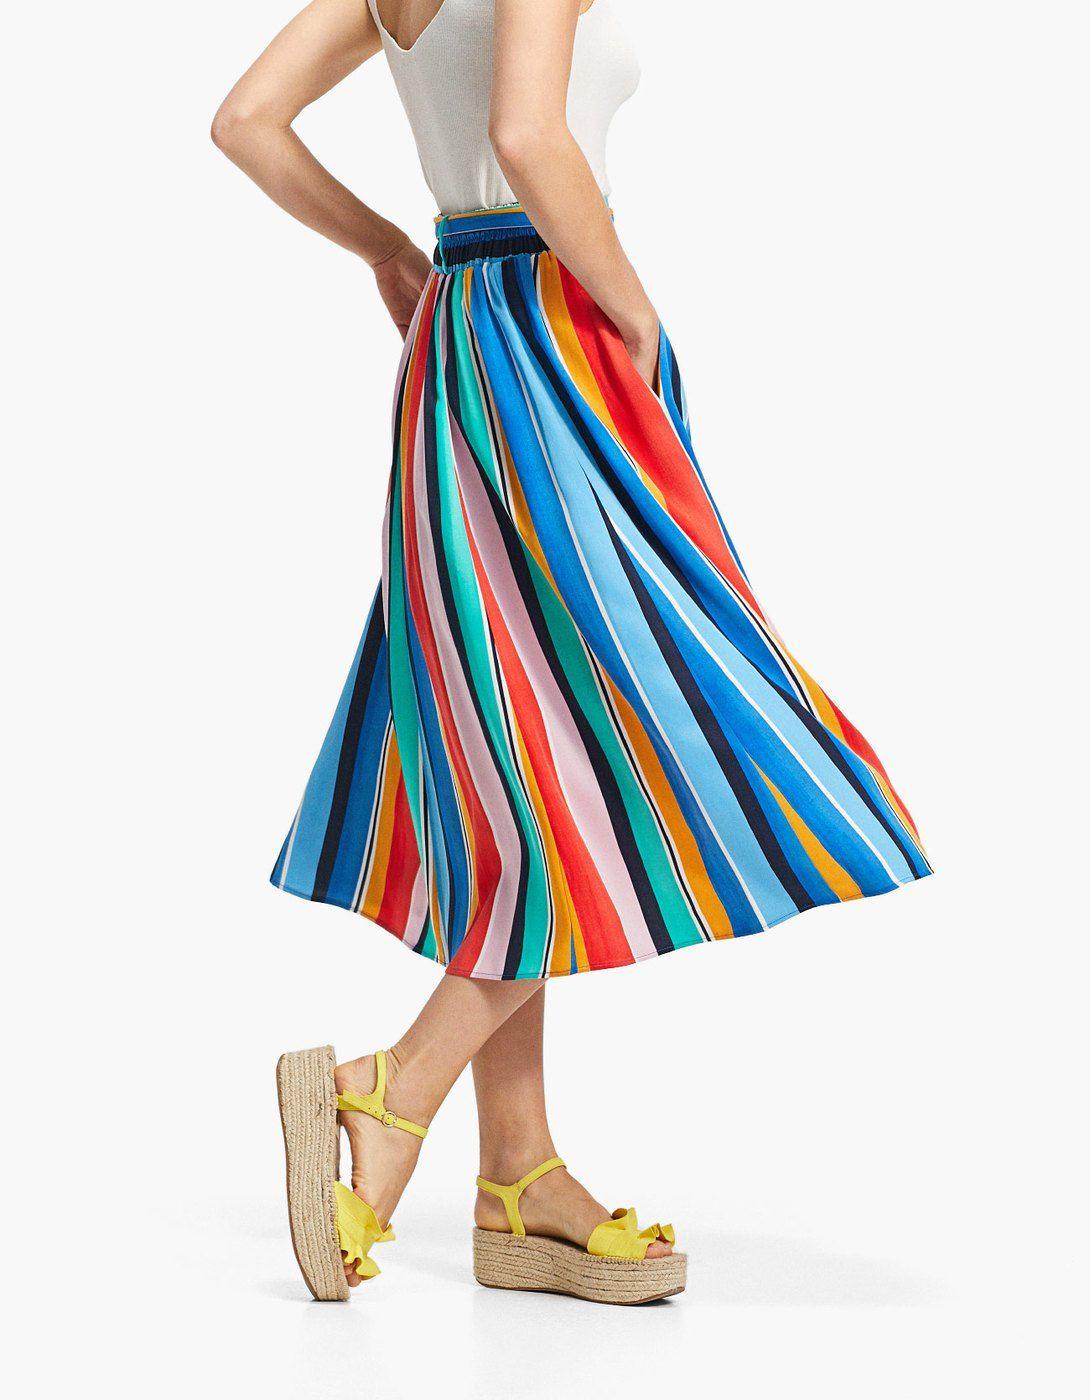 0d41f42562a12c W2018 Spódnica w kolorowe paski z wiązaniem - Spódnice | Stradivarius Polska